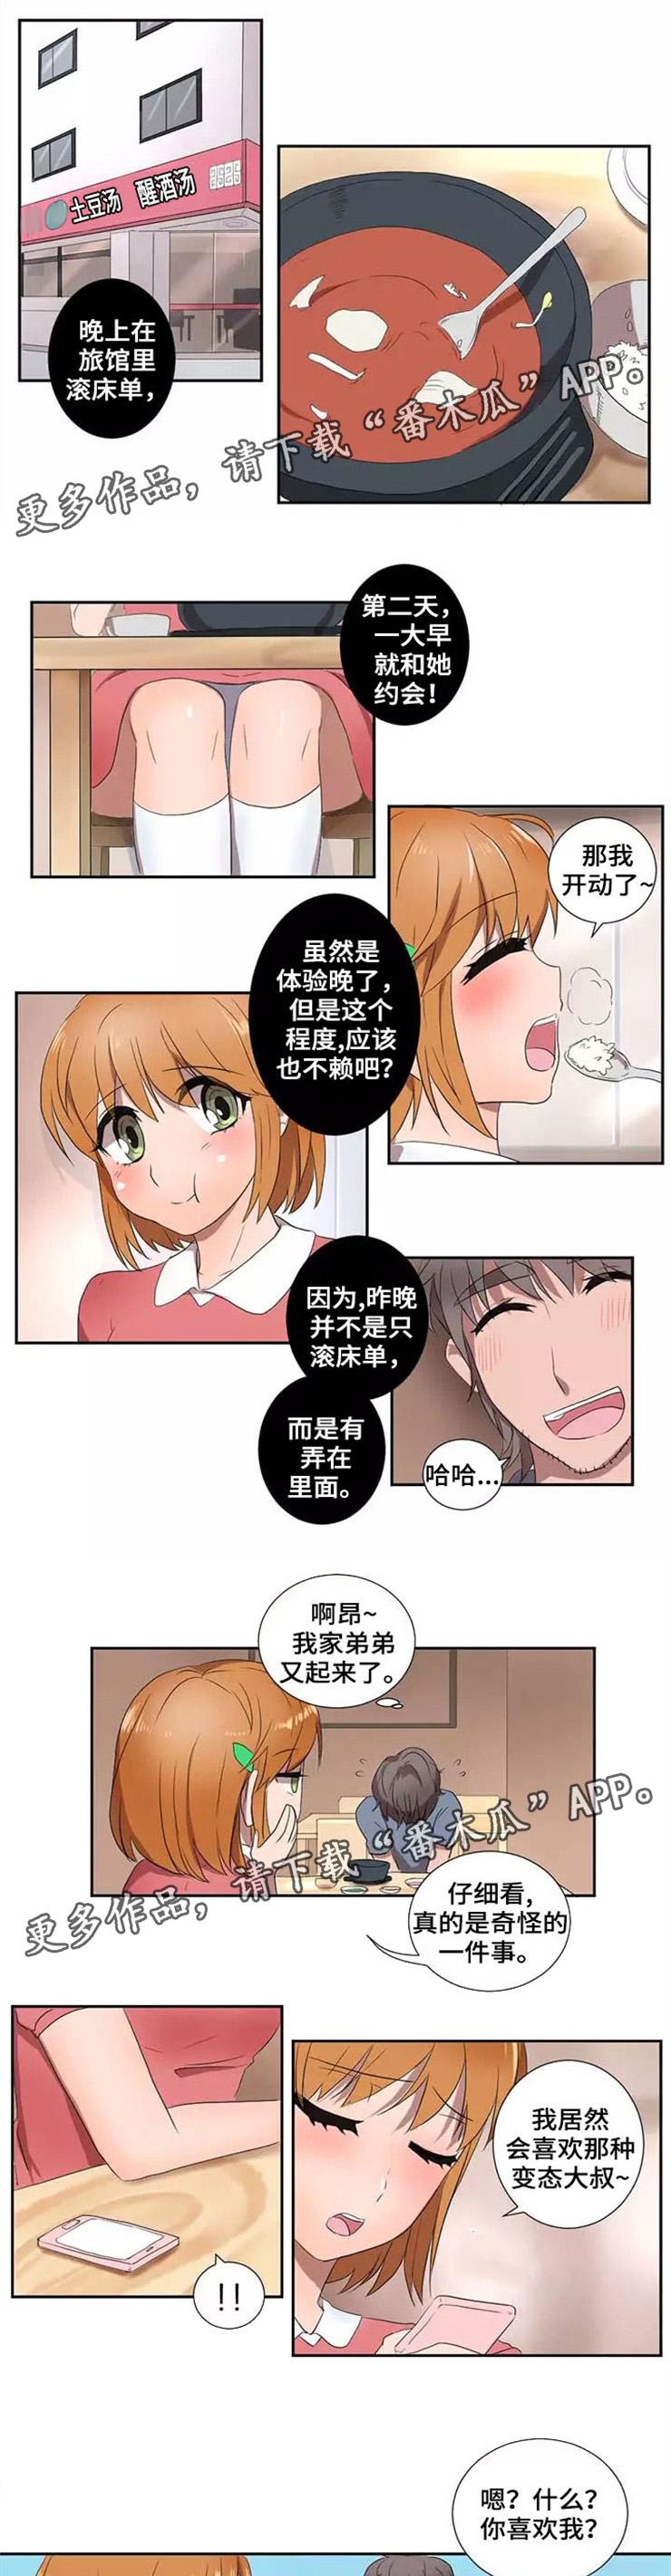 恋爱韩漫: 《隐形人性》 第16-18话-天狐阅读